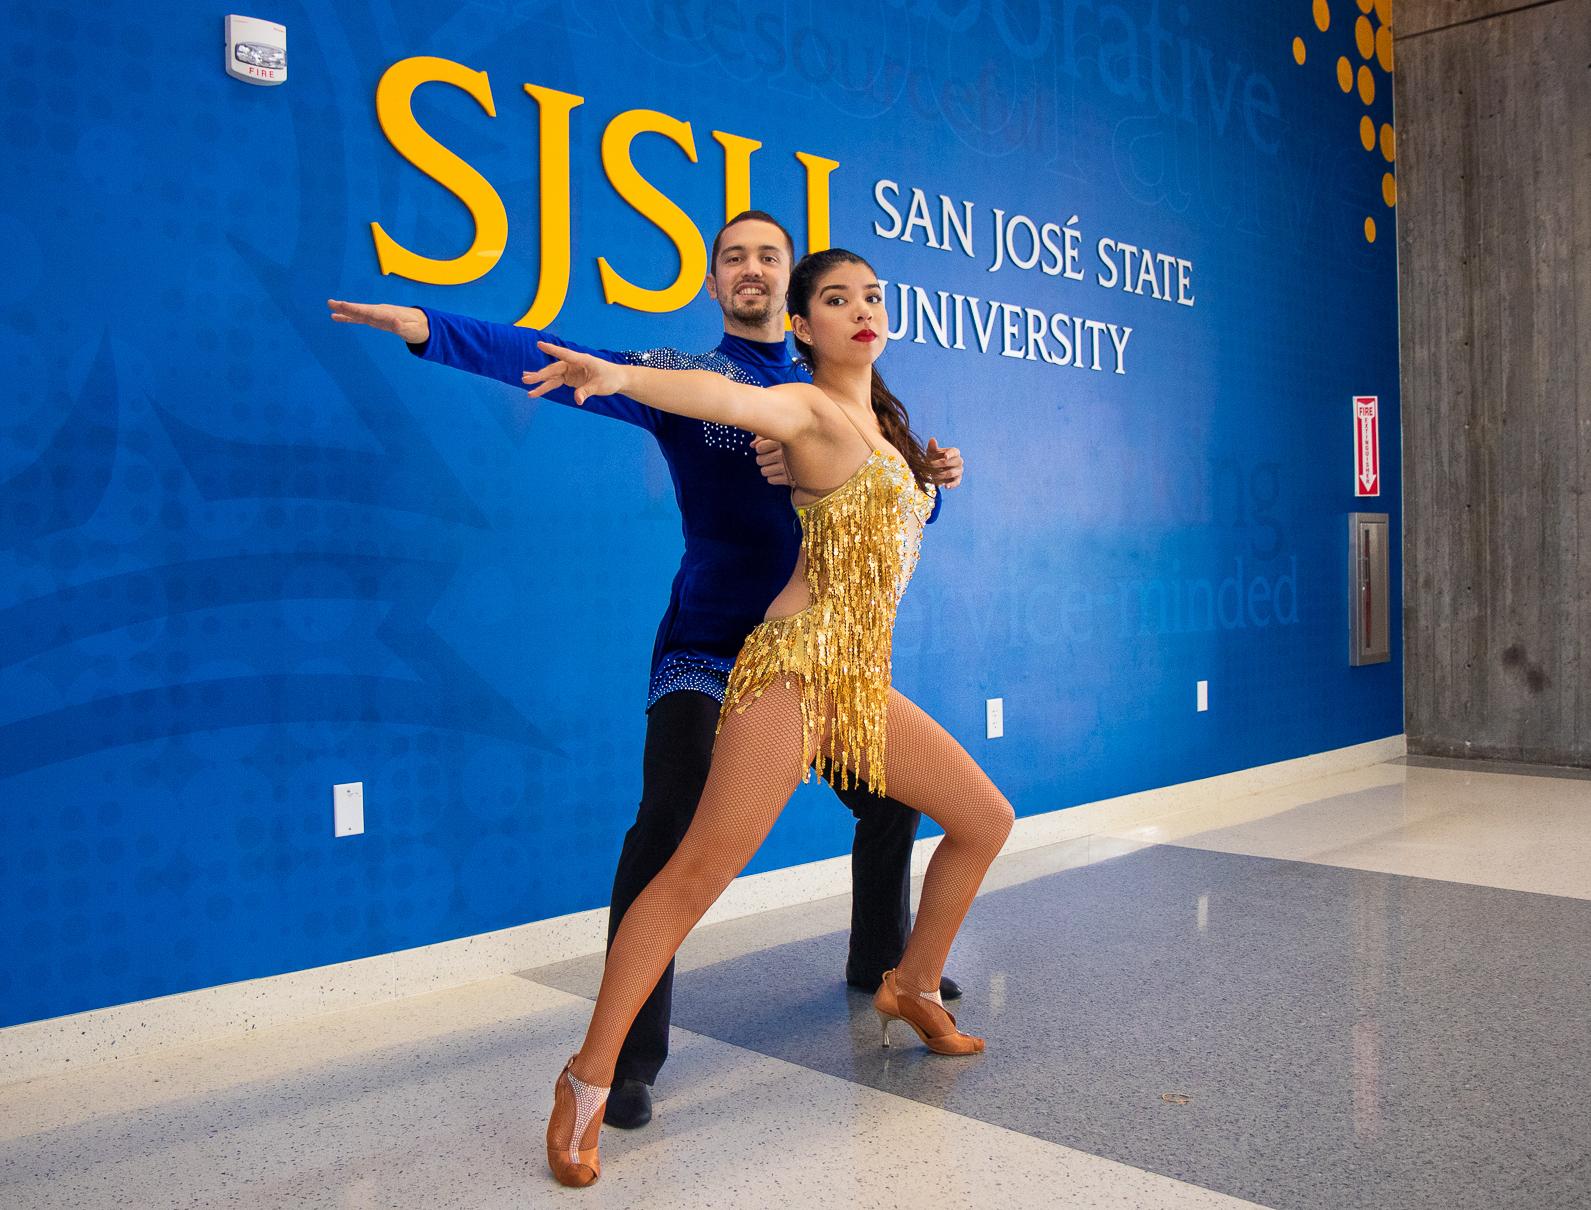 SJSU San Jose State University Campus